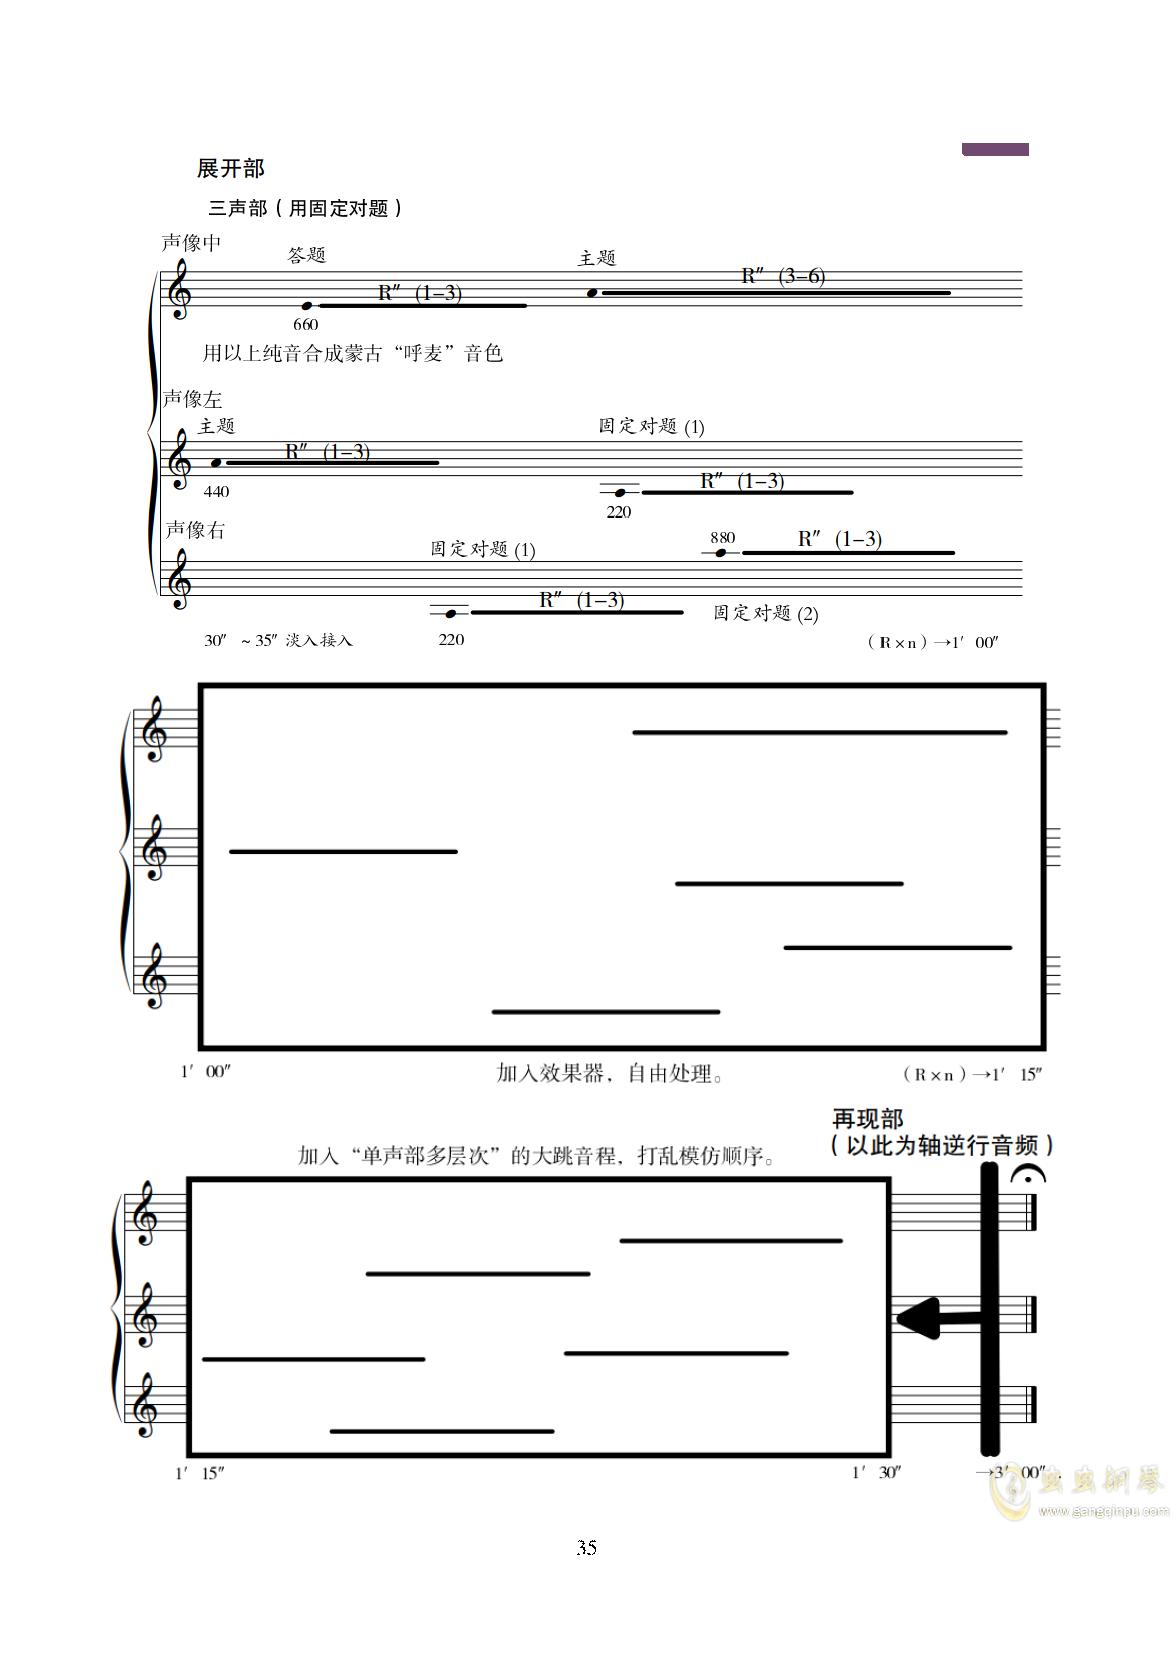 真·硕士论文ag88环亚娱乐谱 第39页